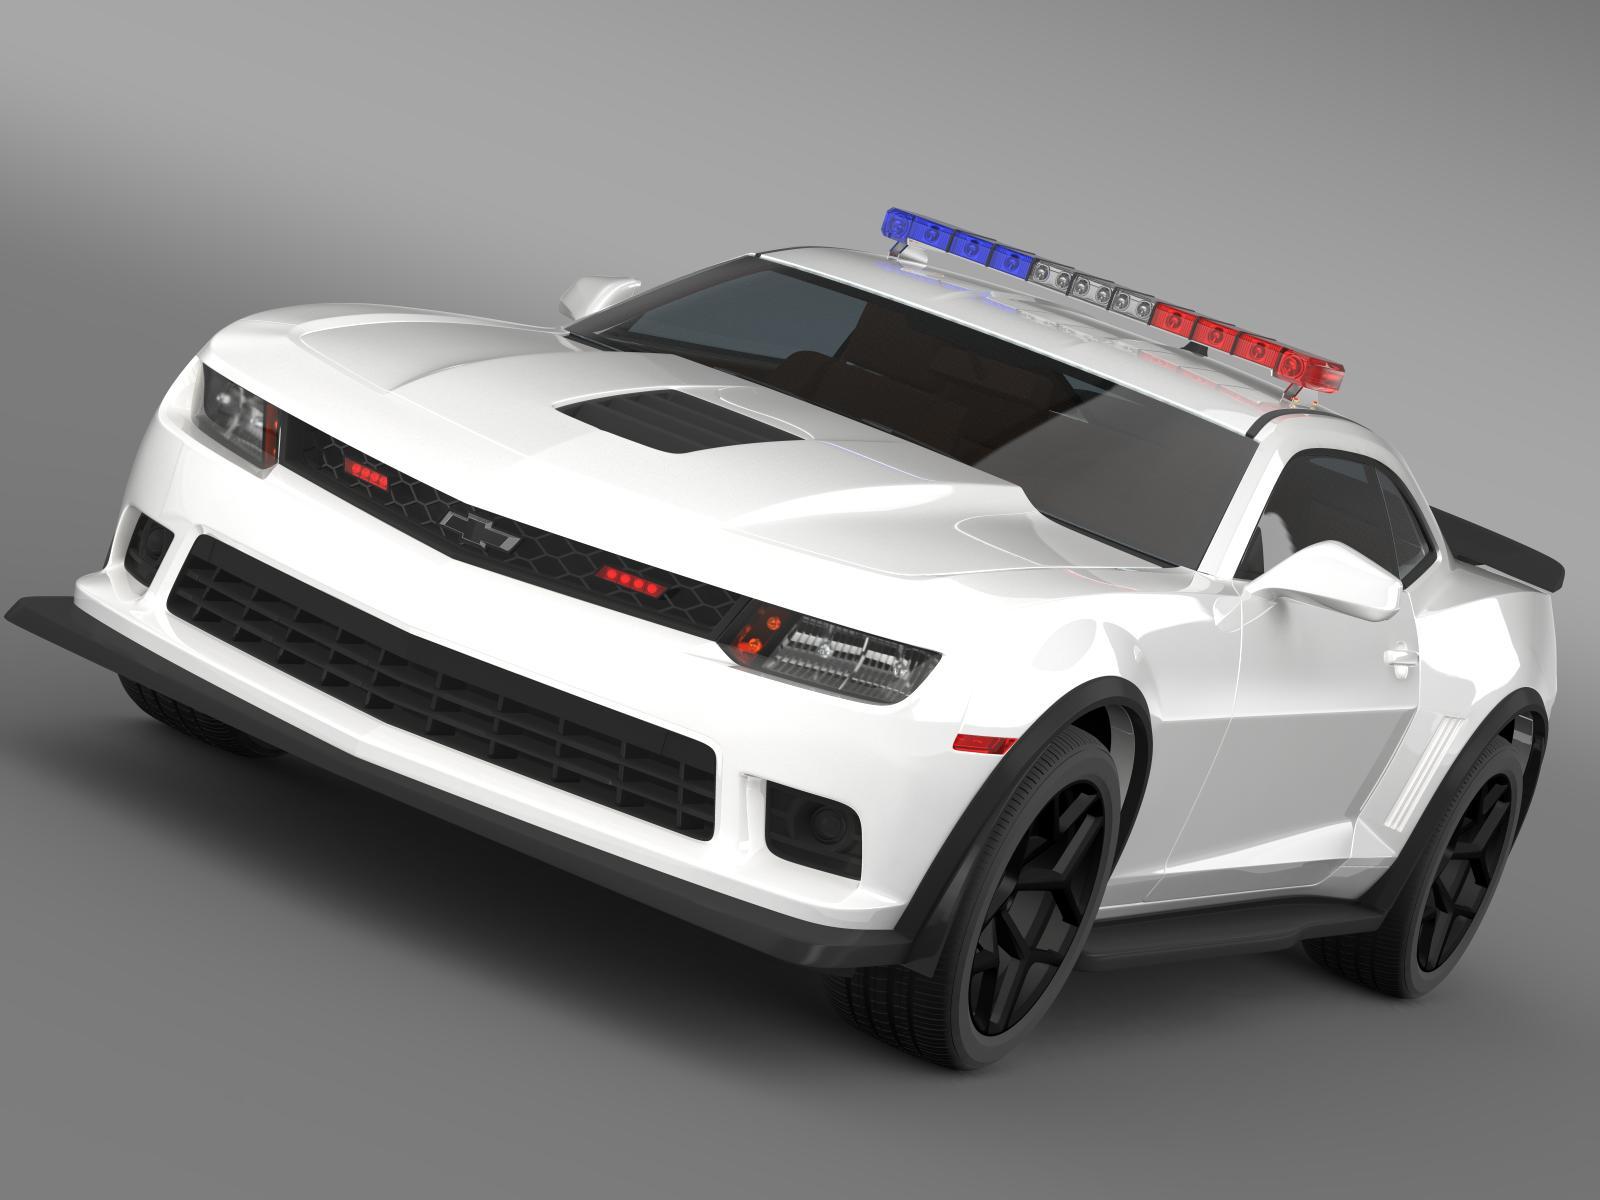 chevrolet camaro z28 policija 2015 3d model 3ds max fbx c4d